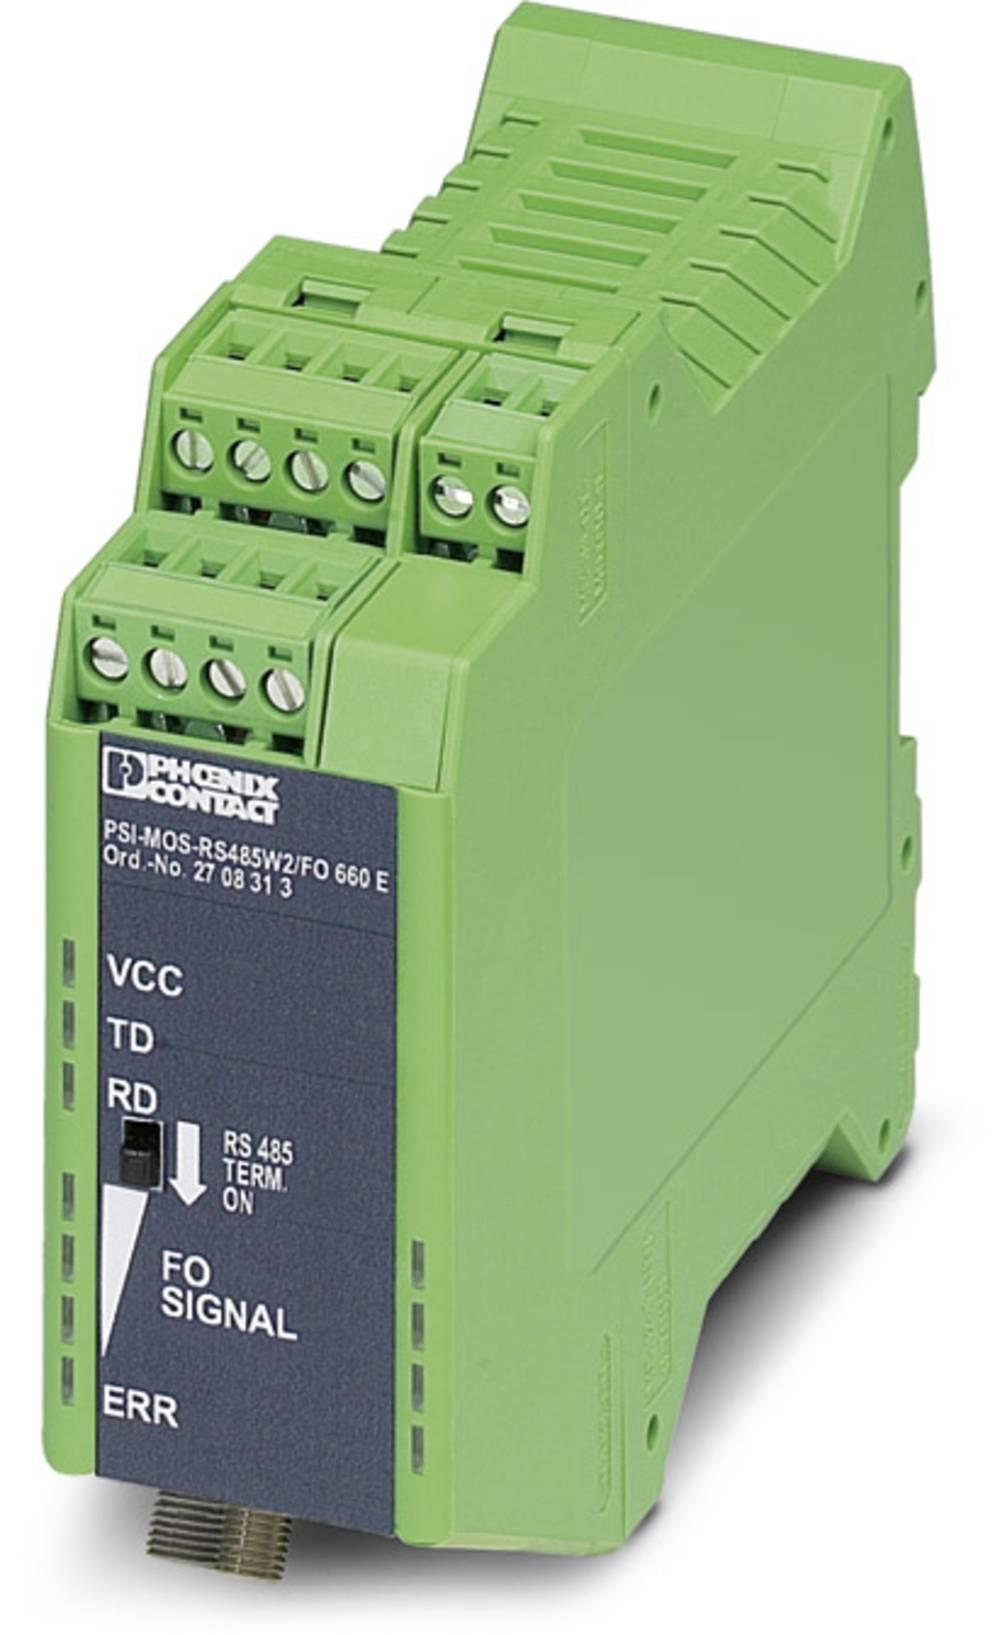 Optički pretvarač Phoenix Contact PSI-MOS-RS485W2/FO 660 E optički pretvarač